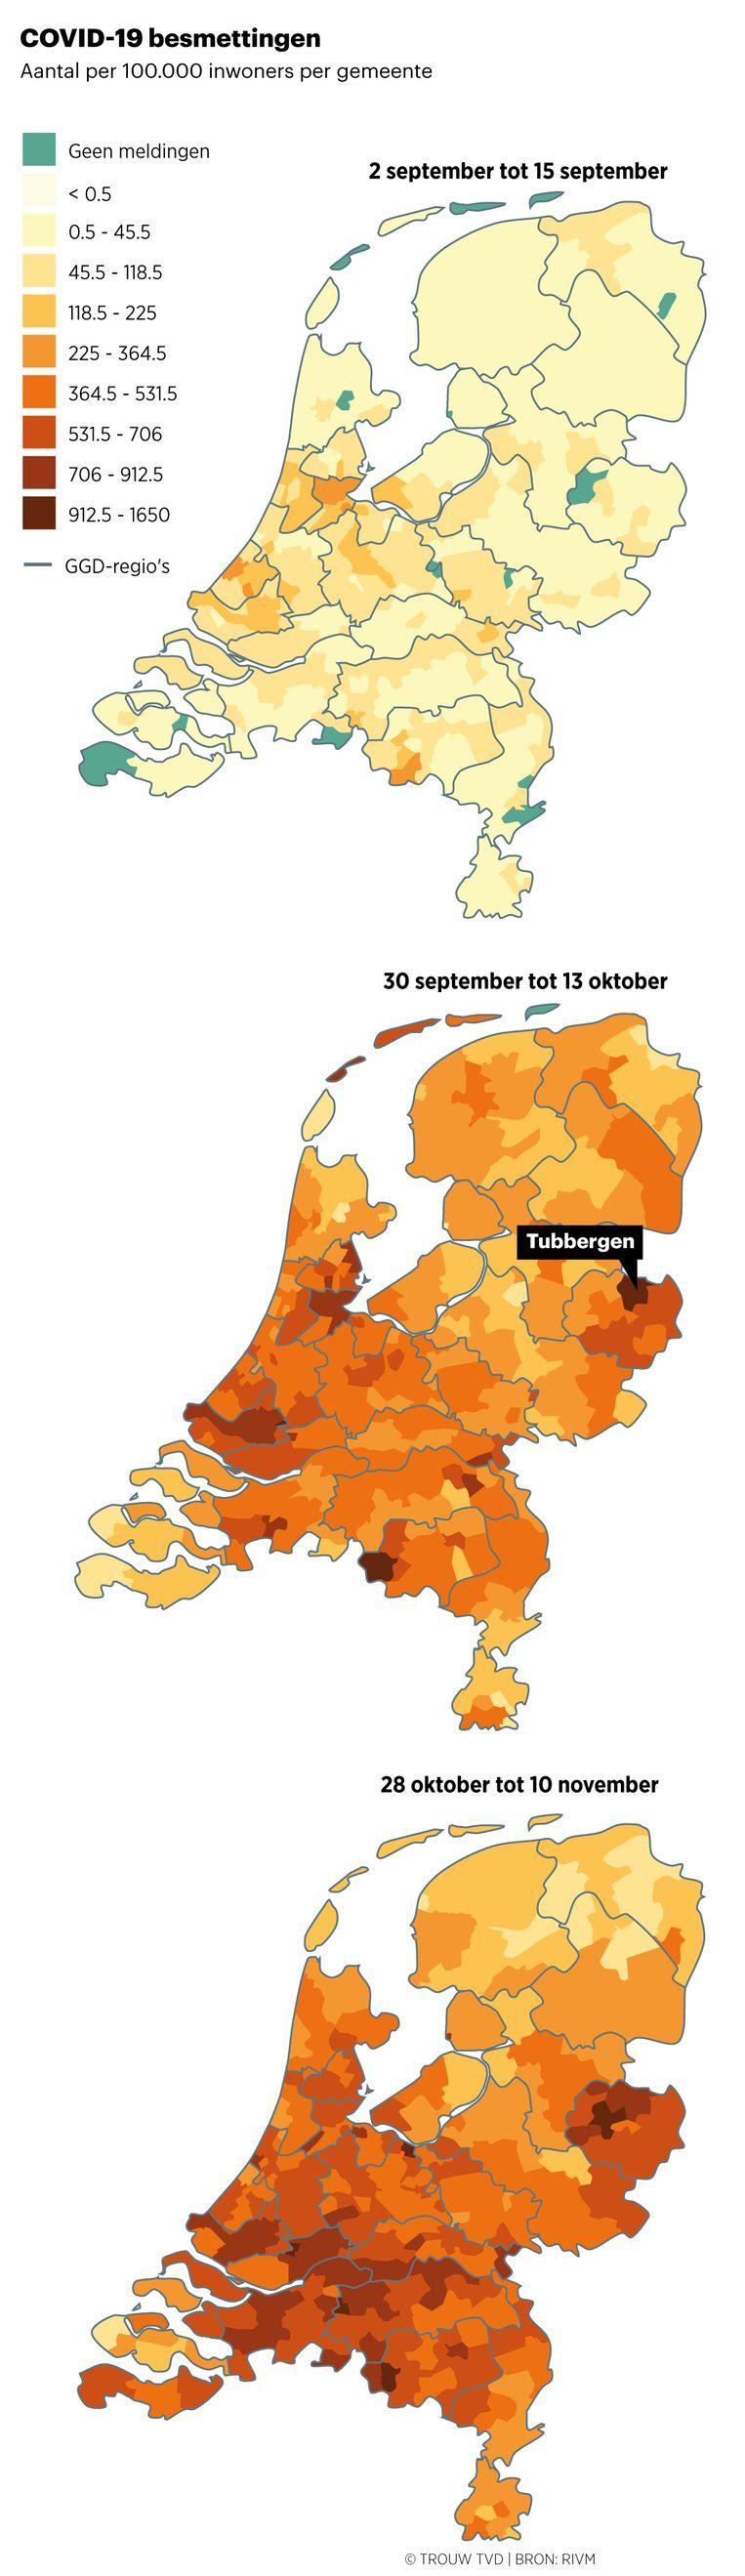 Drie 'coronakaarten' van Nederland geven een beeld van het aantal besmettingen in september, oktober en november.  Beeld Thijs van Dalen